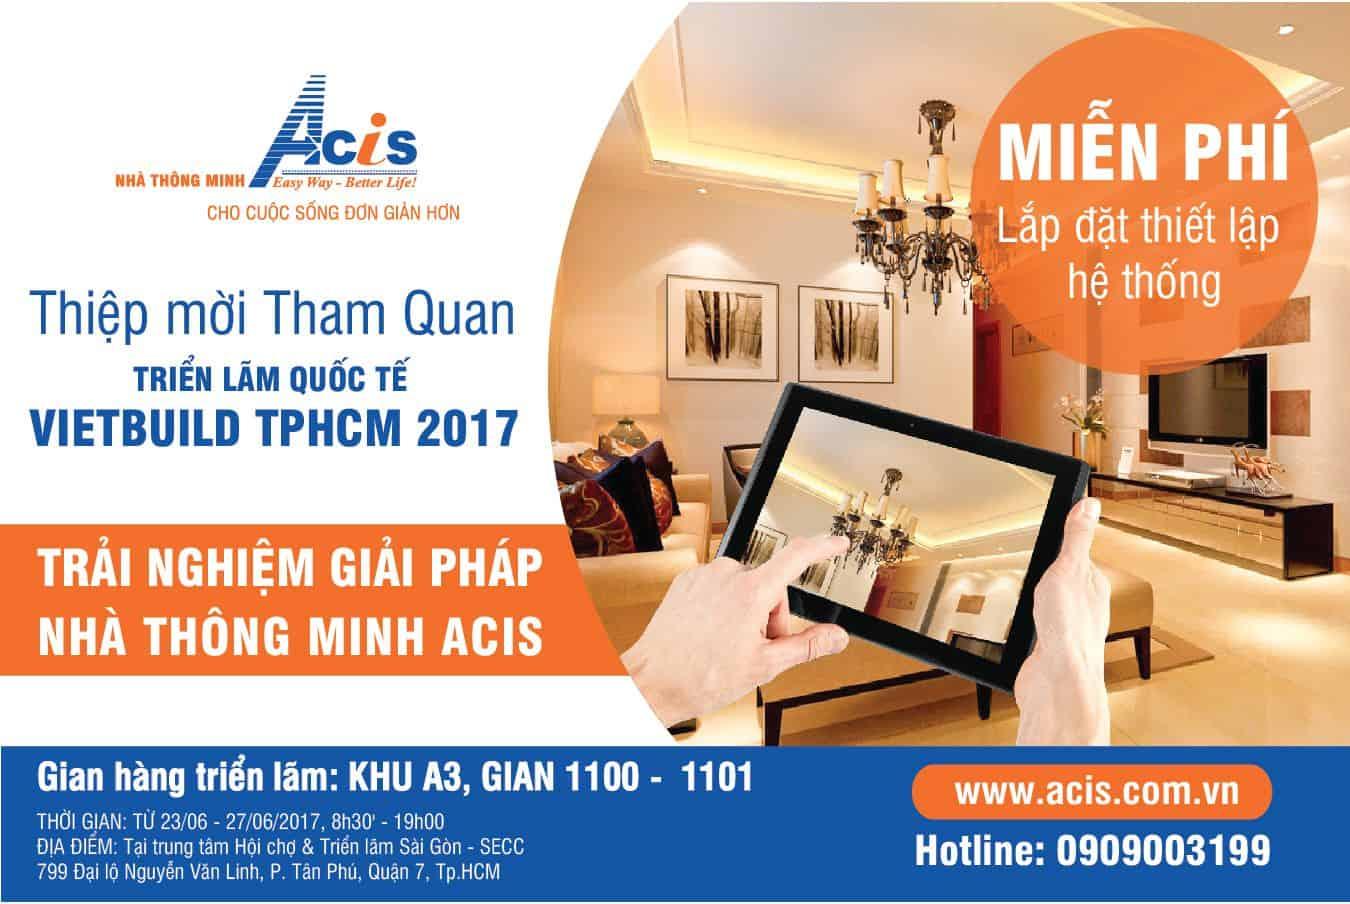 Thư mời trải nghiệm giải pháp NHÀ THÔNG MINH ACIS tại KHU A3 1100-1101 - VIETBUILD TP HCM 5